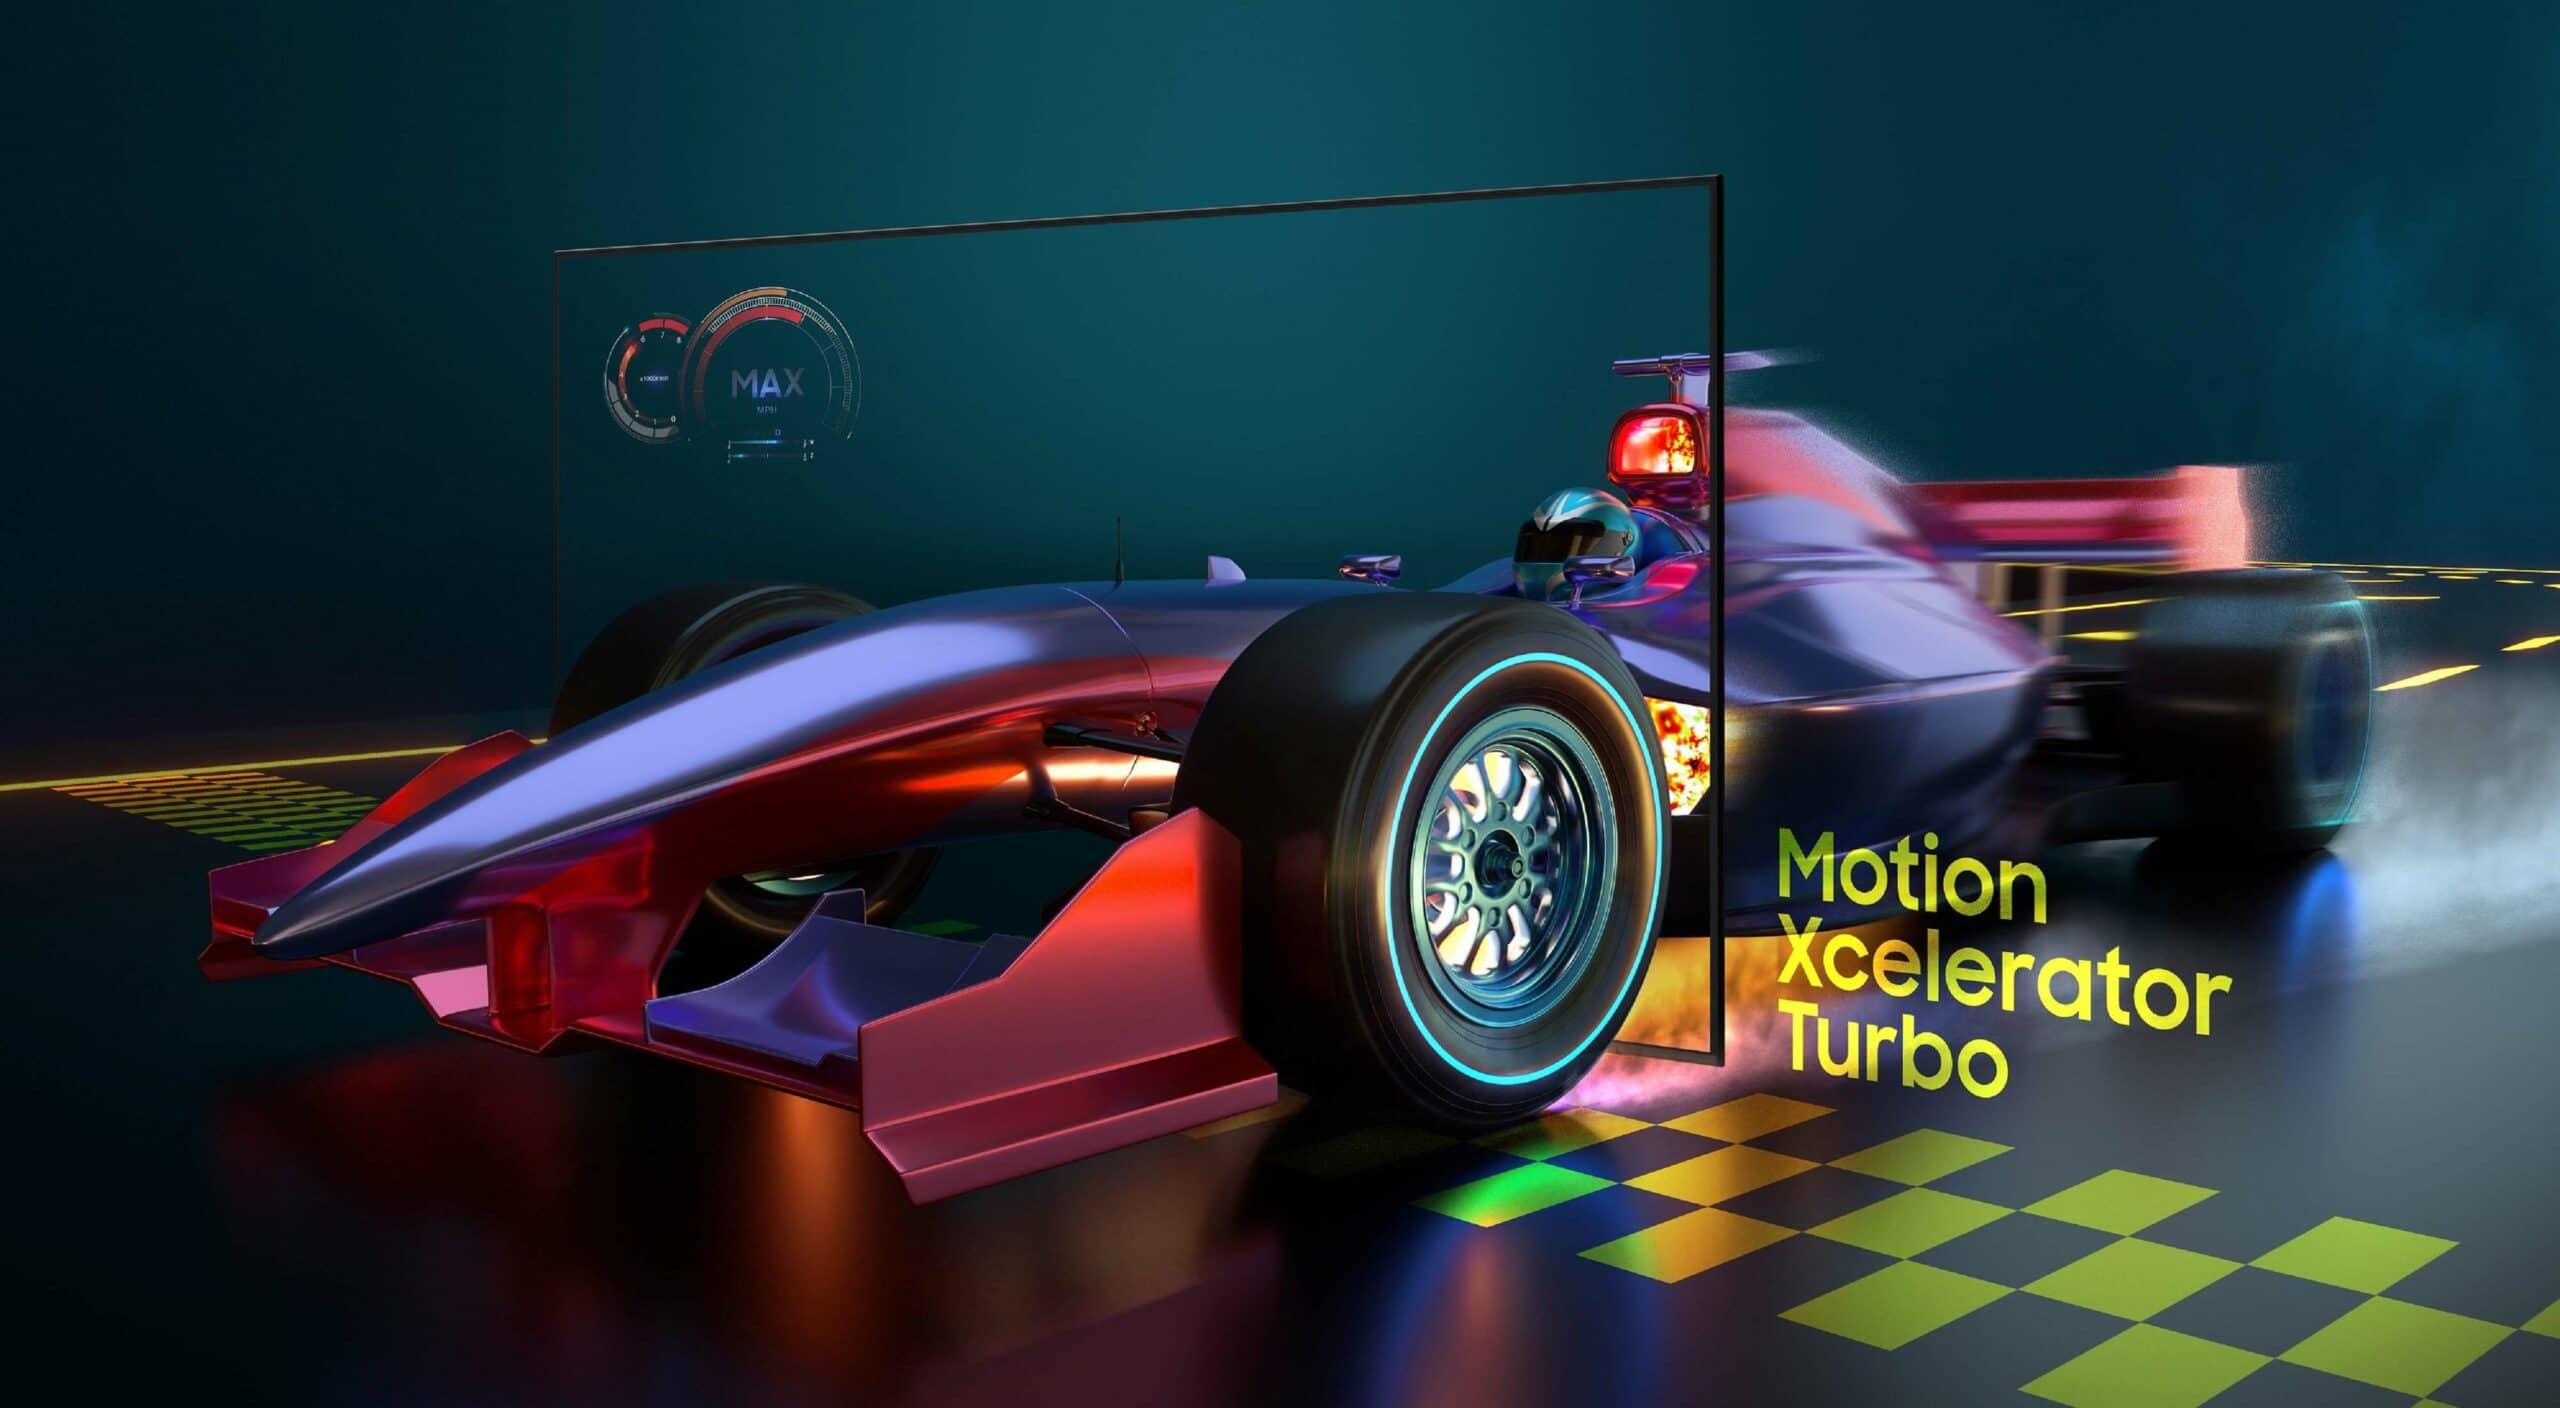 Motion Xcelerator Turbo scaled